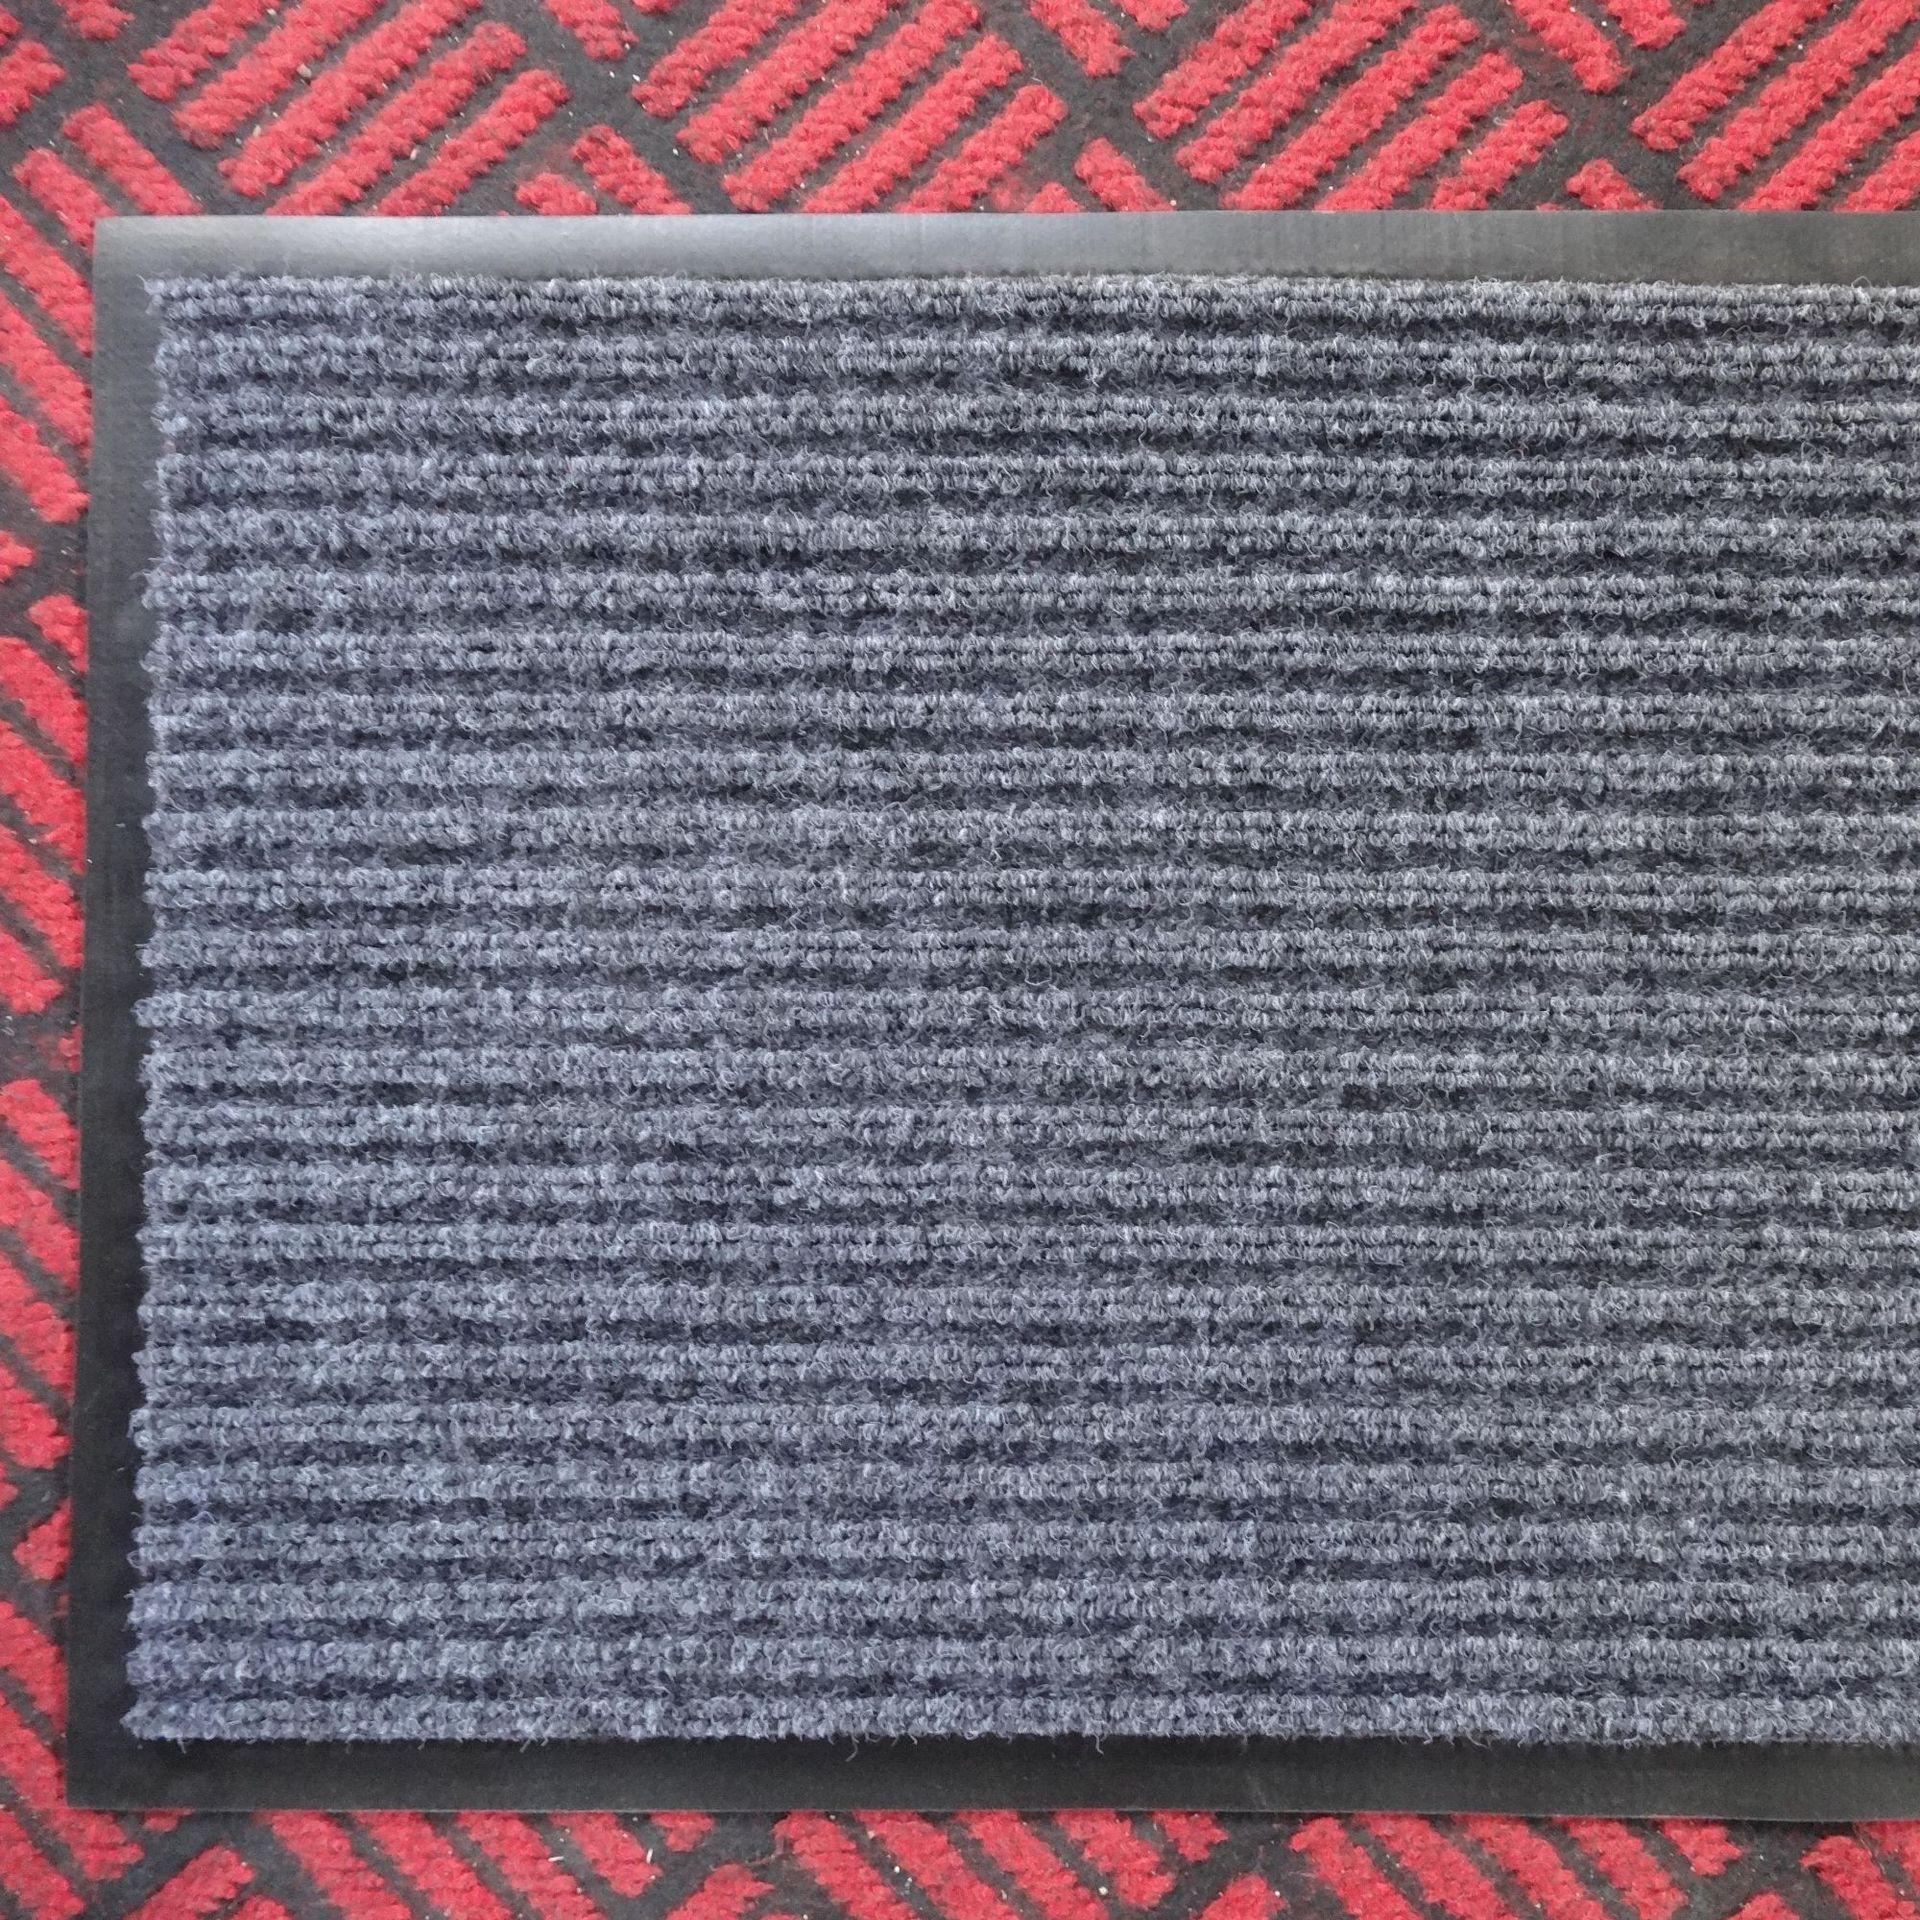 pvc煙灰色雙條紋地墊吸水防滑門墊入室門墊萊蕪生產廠家直銷